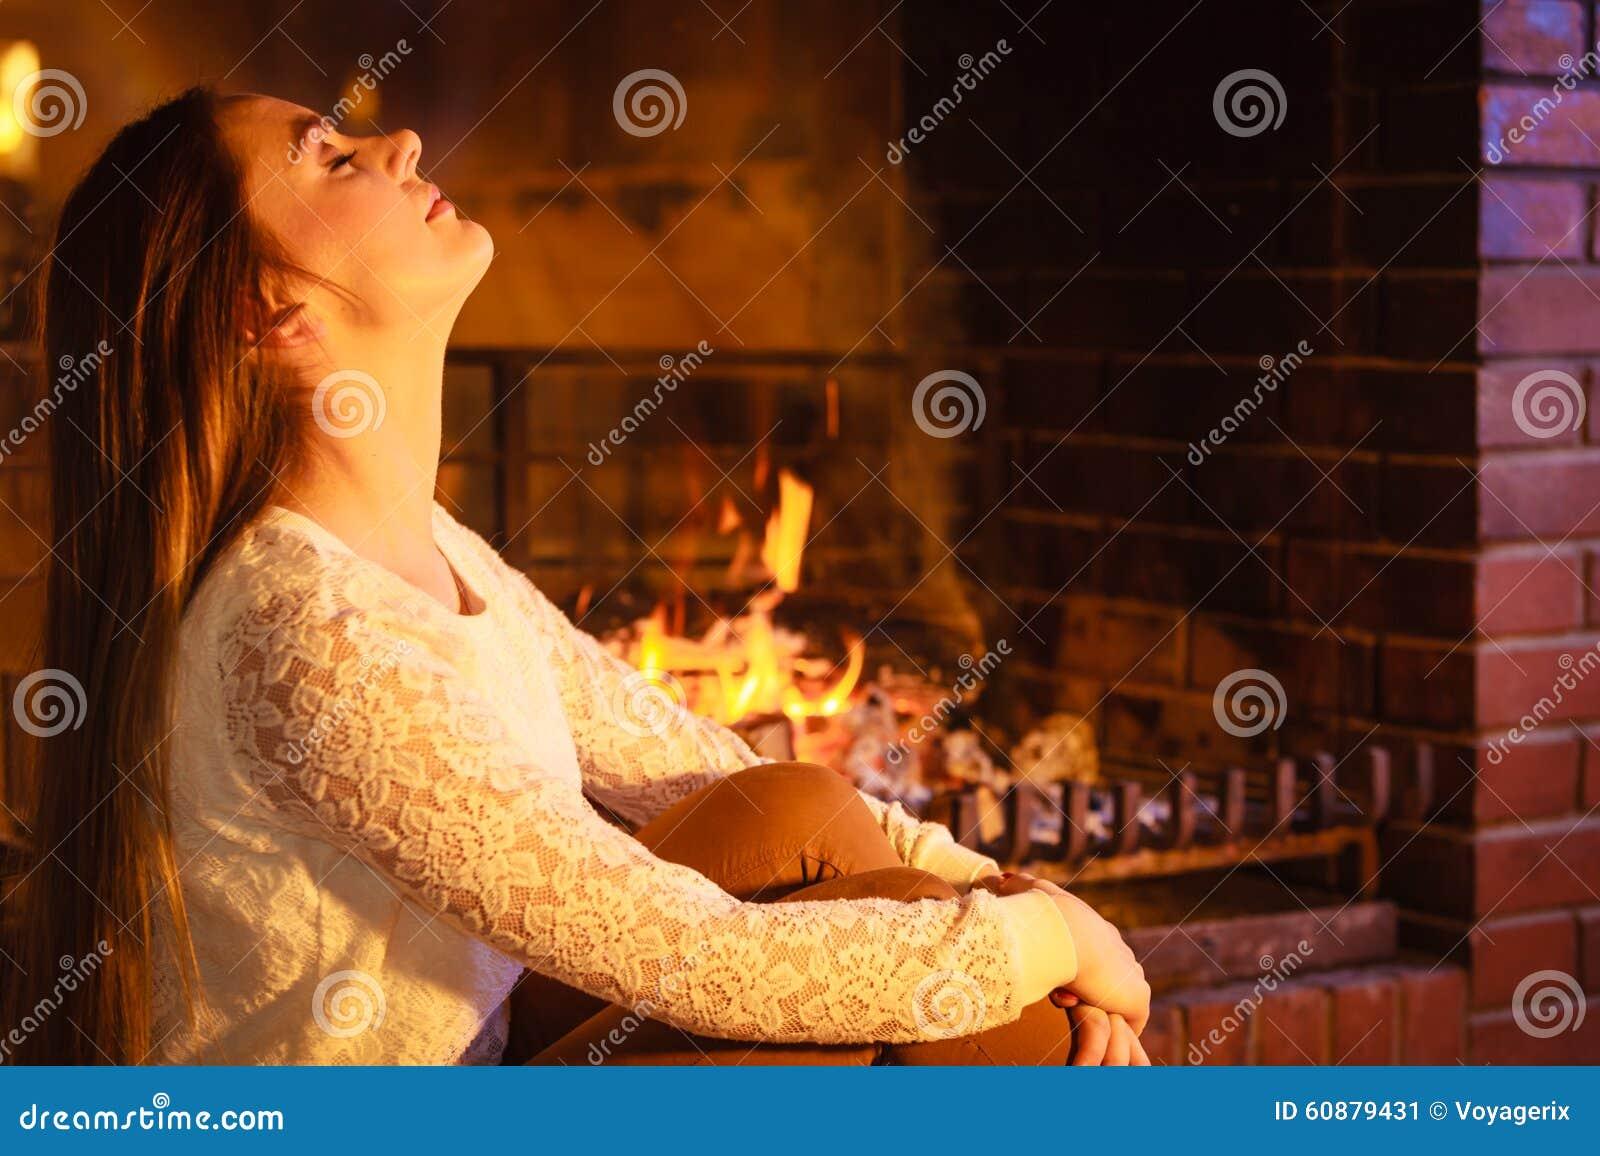 Χαλάρωση γυναικών στην εστία Χειμερινό σπίτι